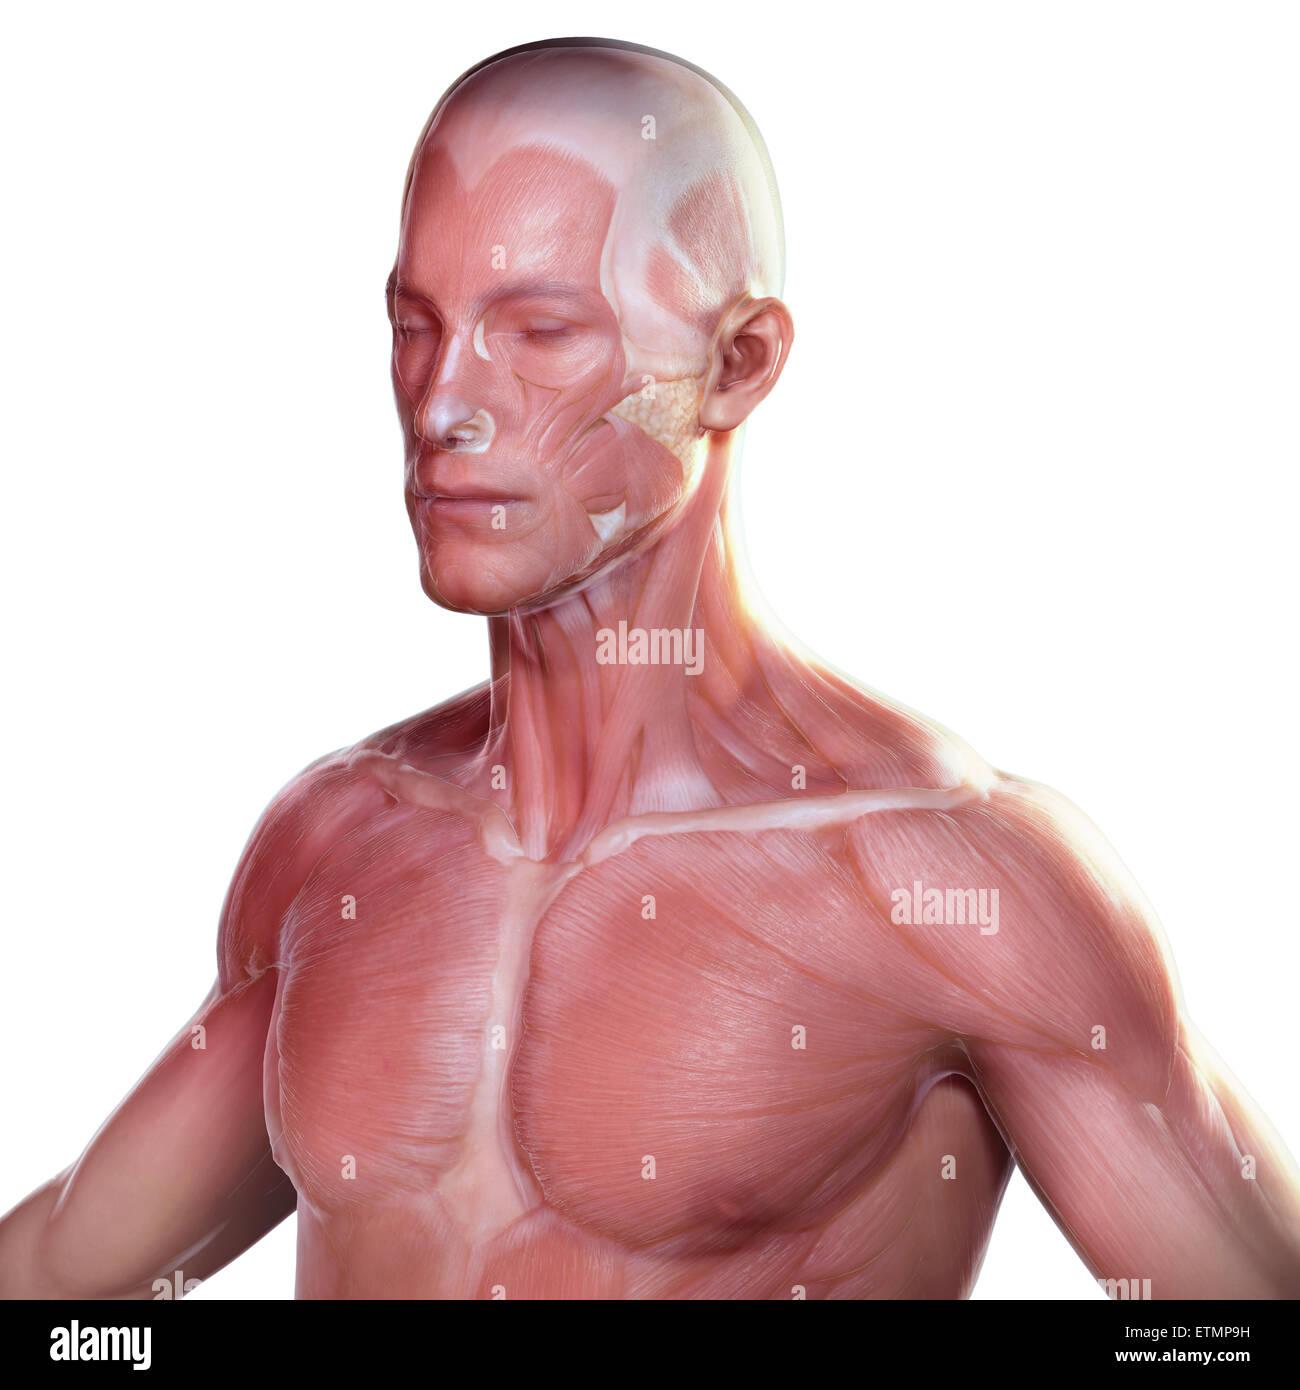 Konzeptbild des Gesichts und des oberen Körpers mit der Muskulatur unter der Haut sichtbar. Stockfoto